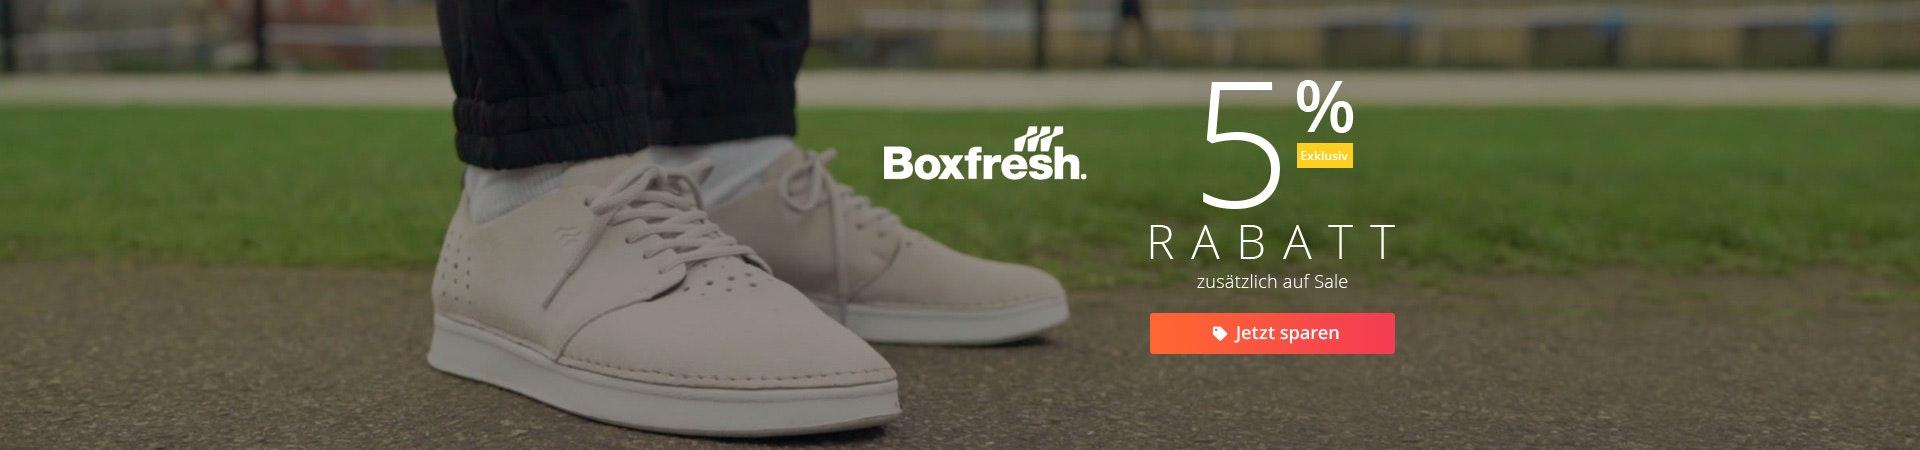 boxfresh 5%